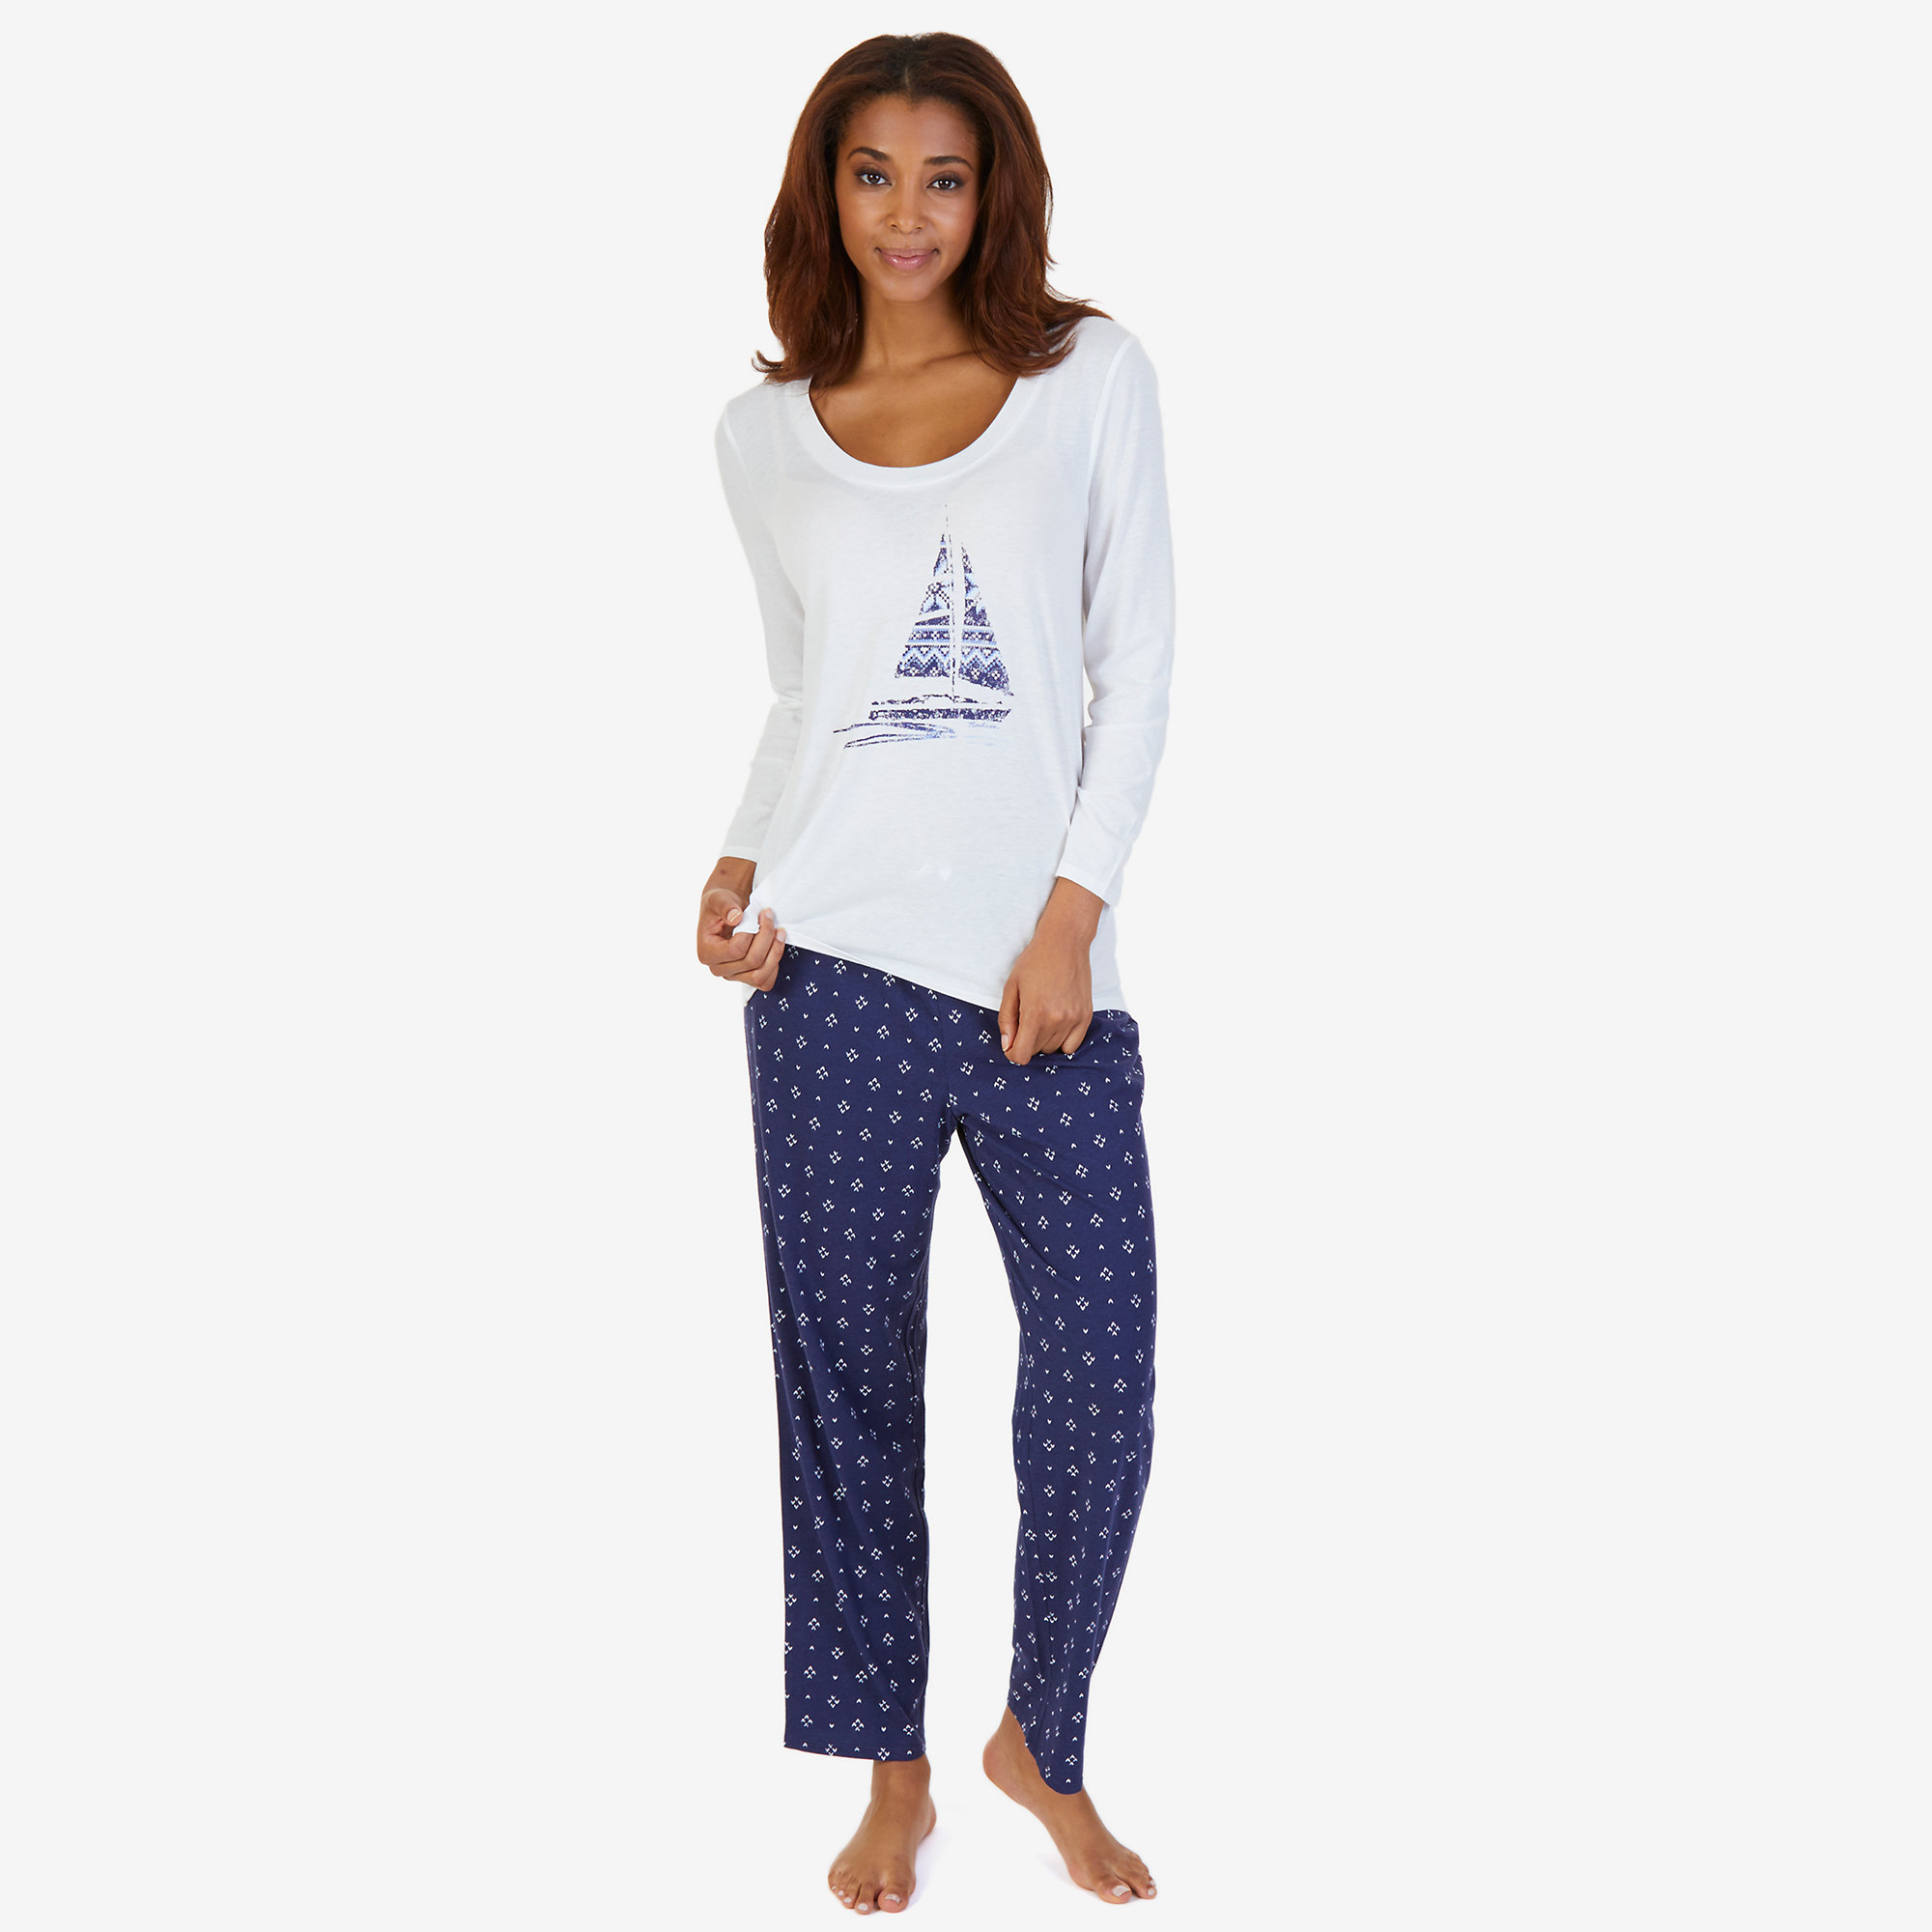 v comforter set printed tee pajama neck previous most comfortable nautica a pant pajamas sleep